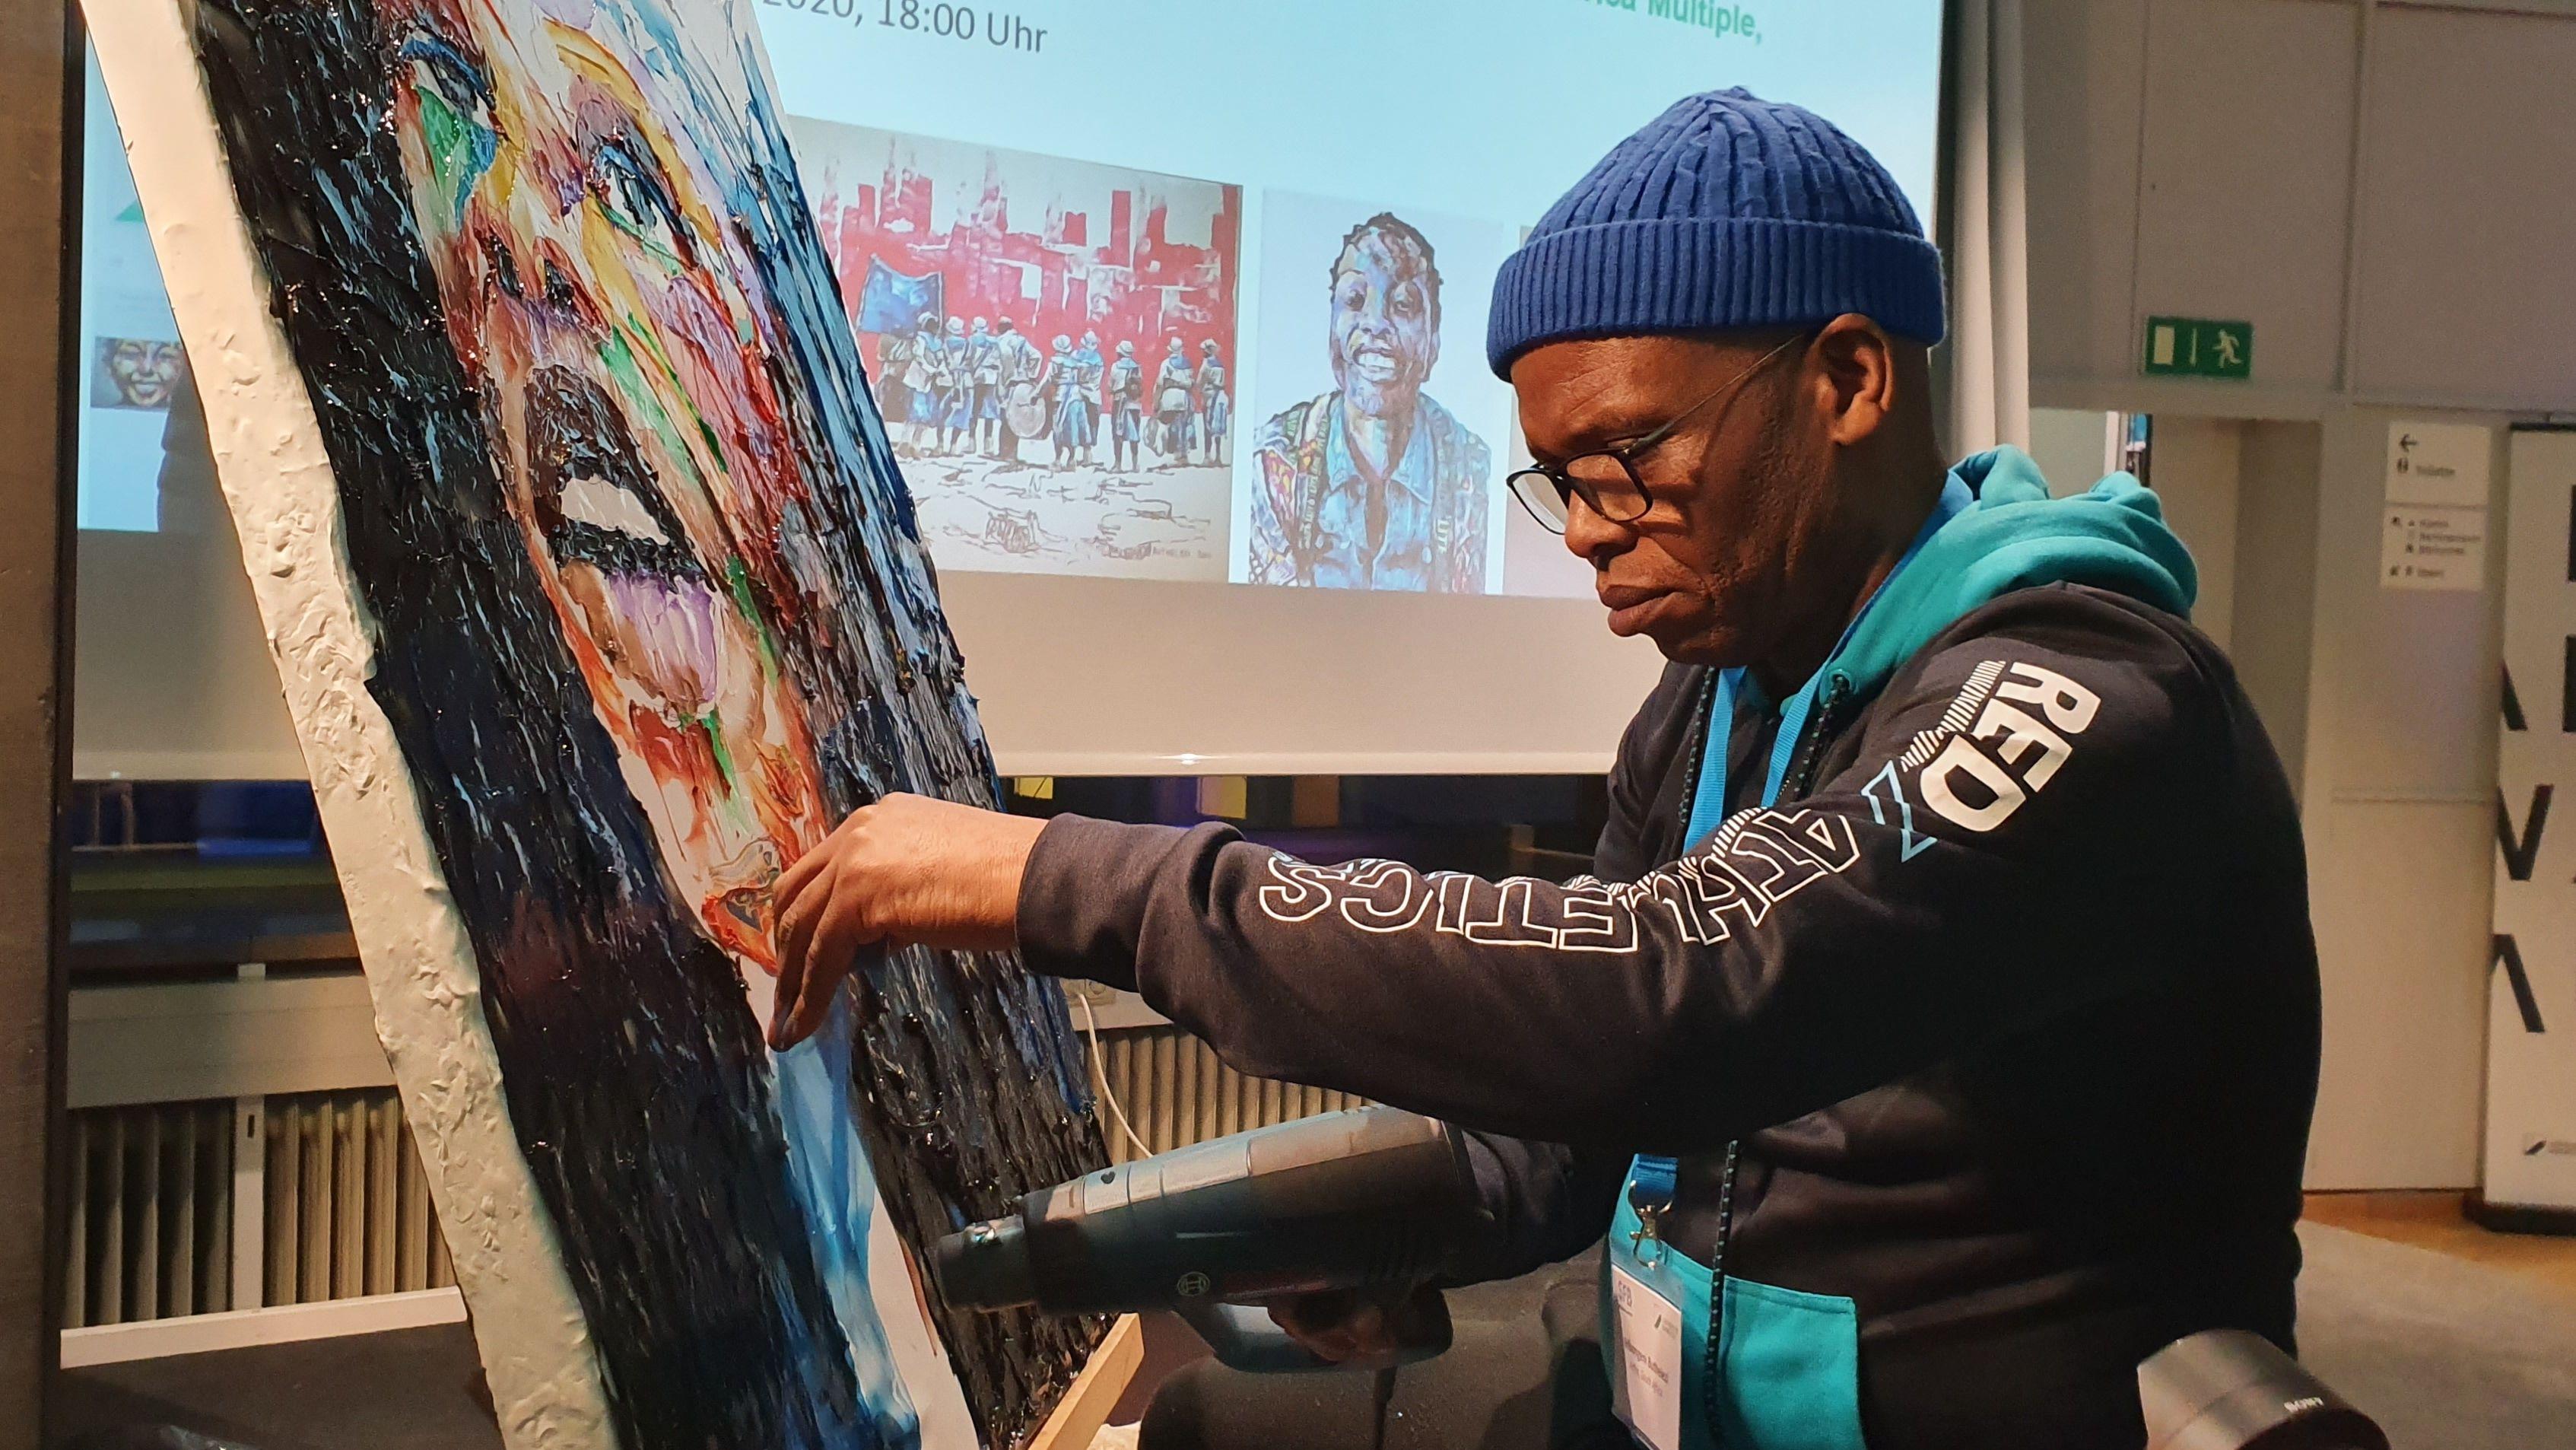 Der Künstler Mbongeni Buthelezi steht vor einer Leinwand, auf der ein buntes Gesicht aus Mikroplatik gemalt hat.